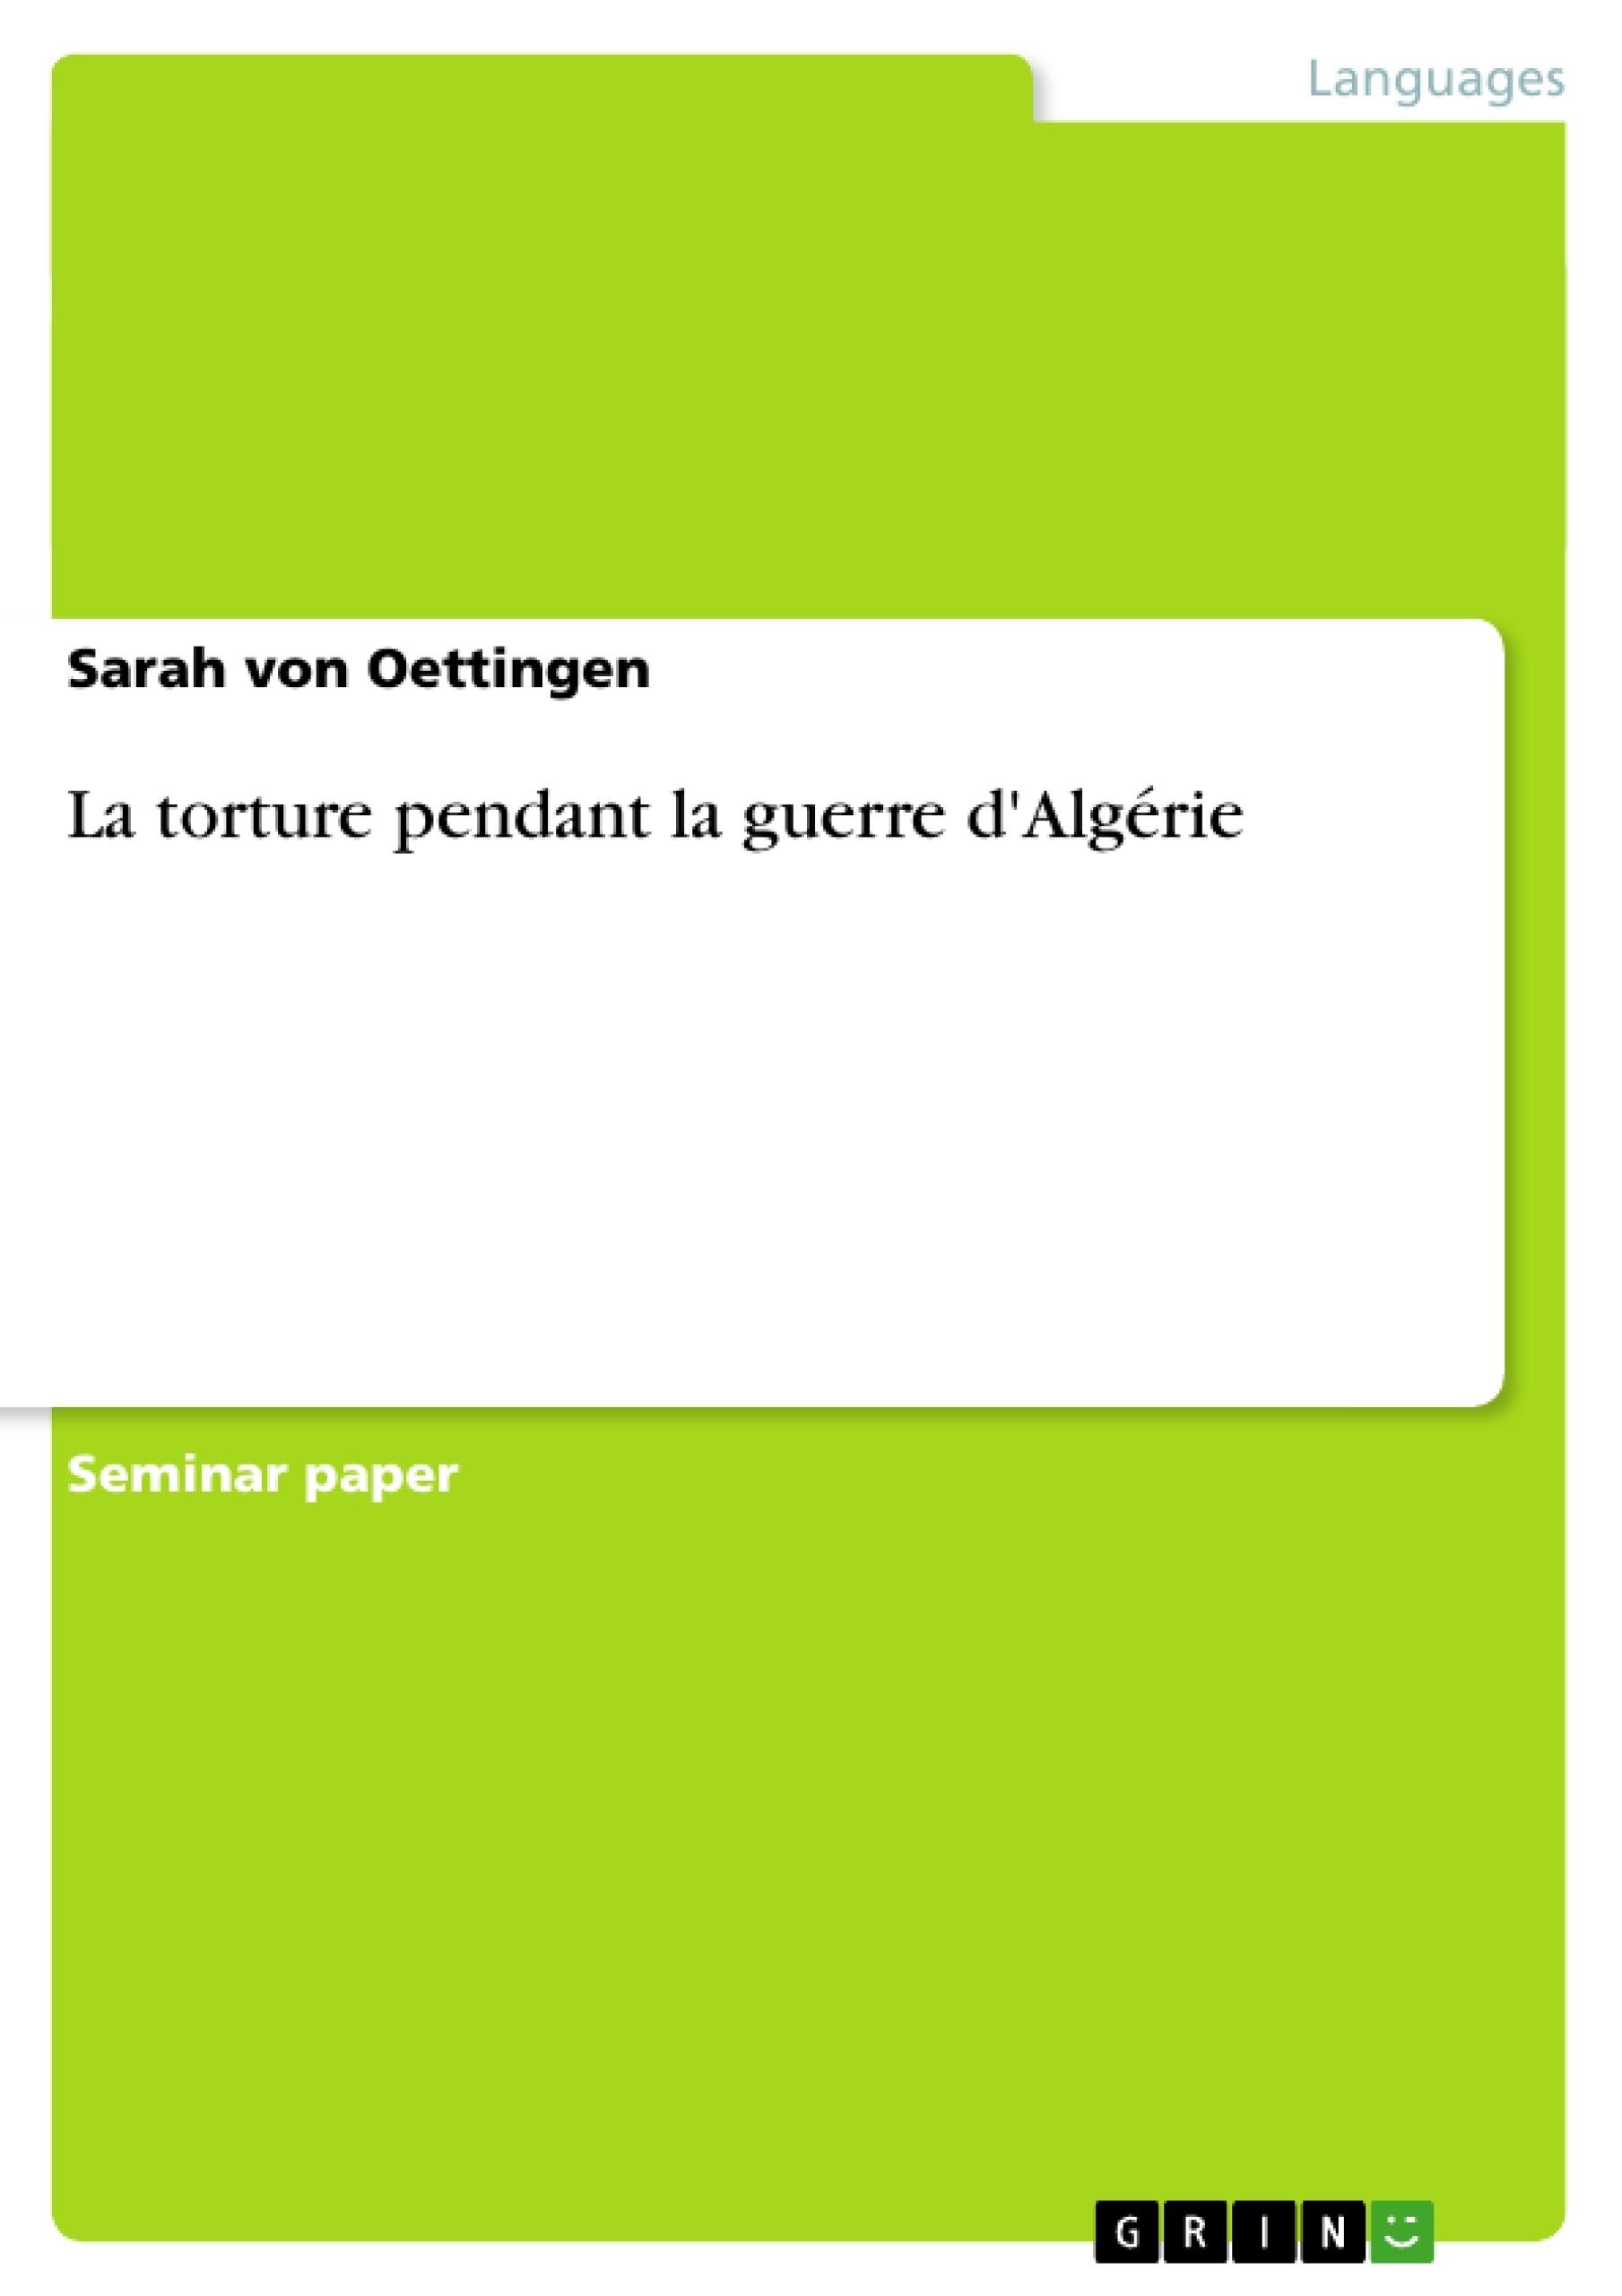 Titre: La torture pendant la guerre d'Algérie